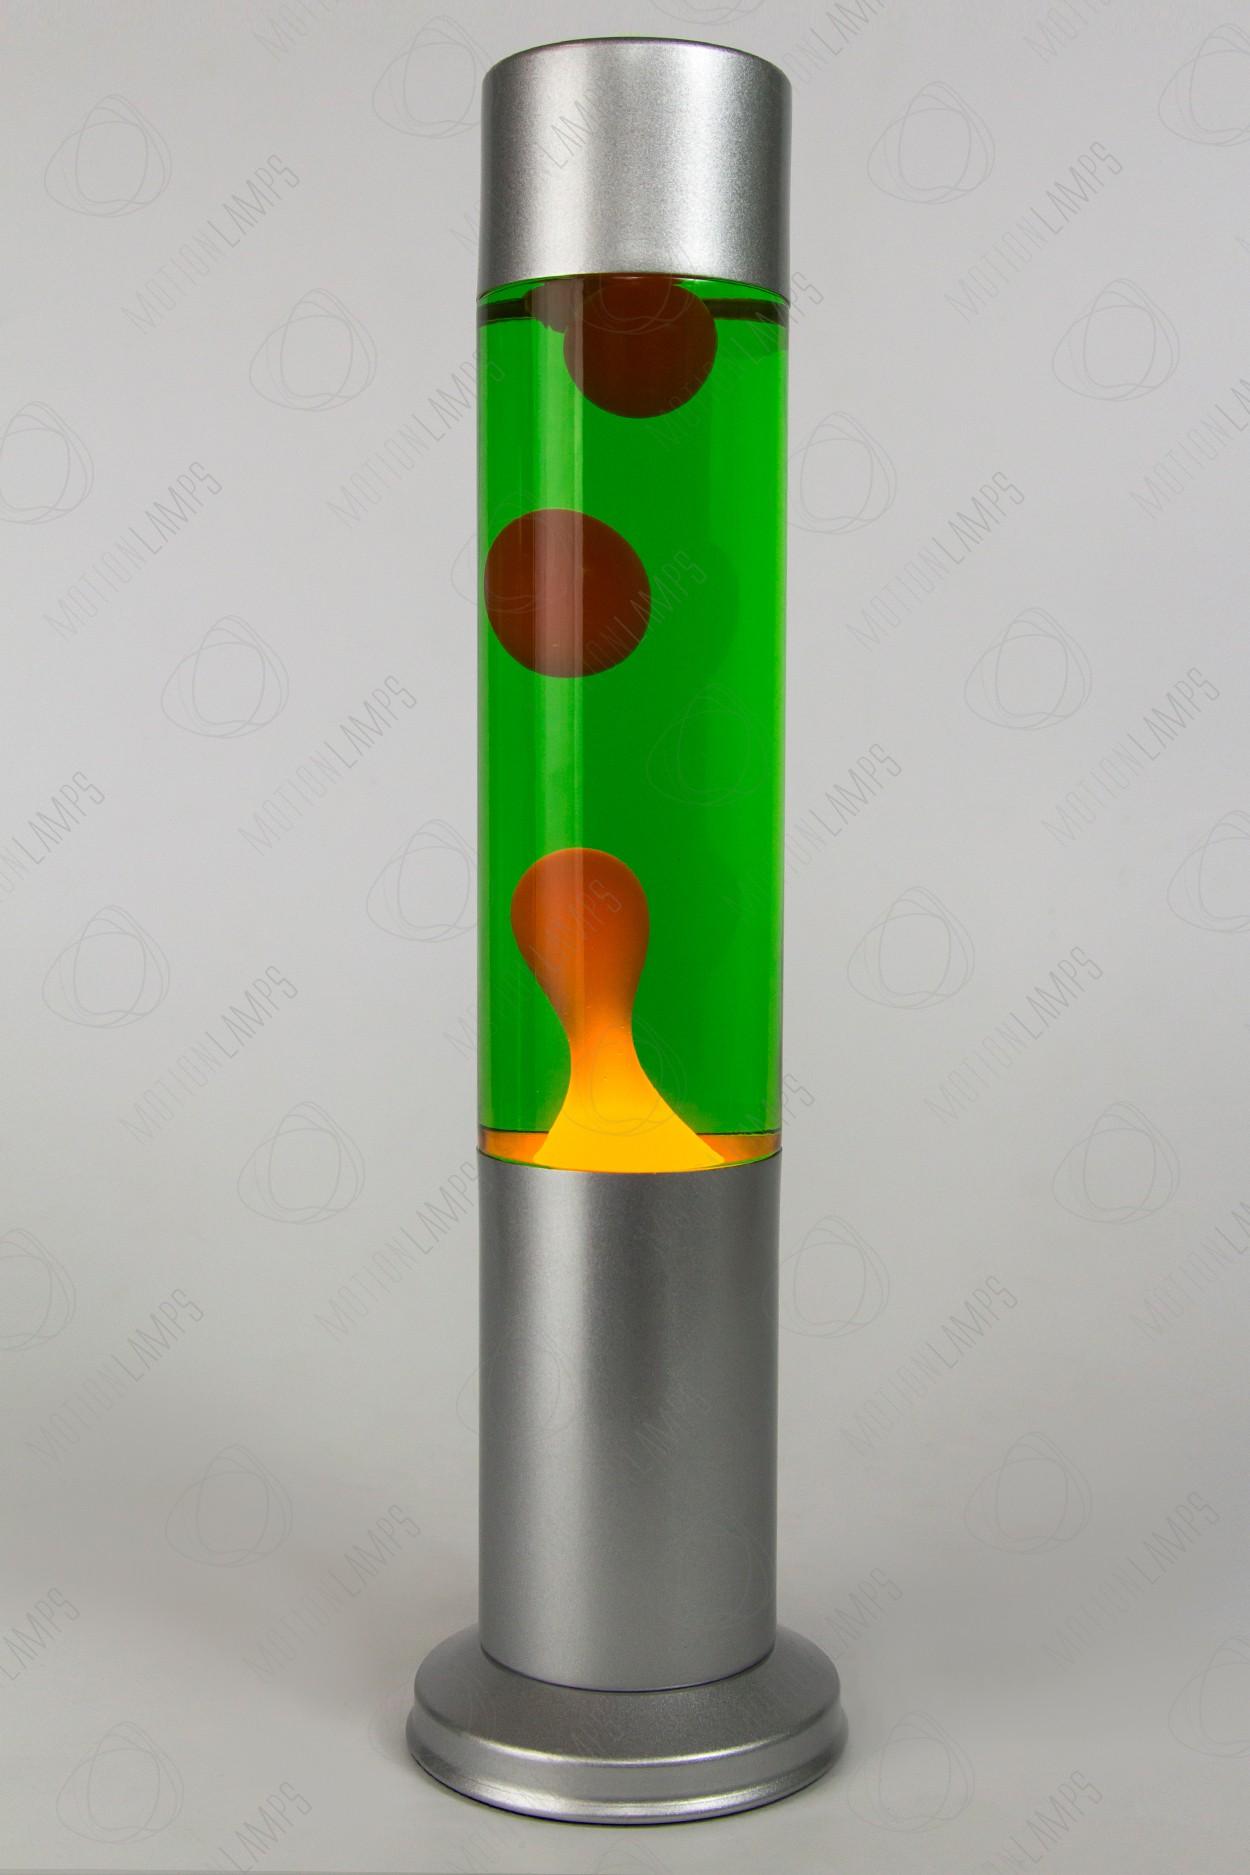 Лава-лампа 38см CL Оранжевая/Зелёная (Воск) Silver в Ярославле